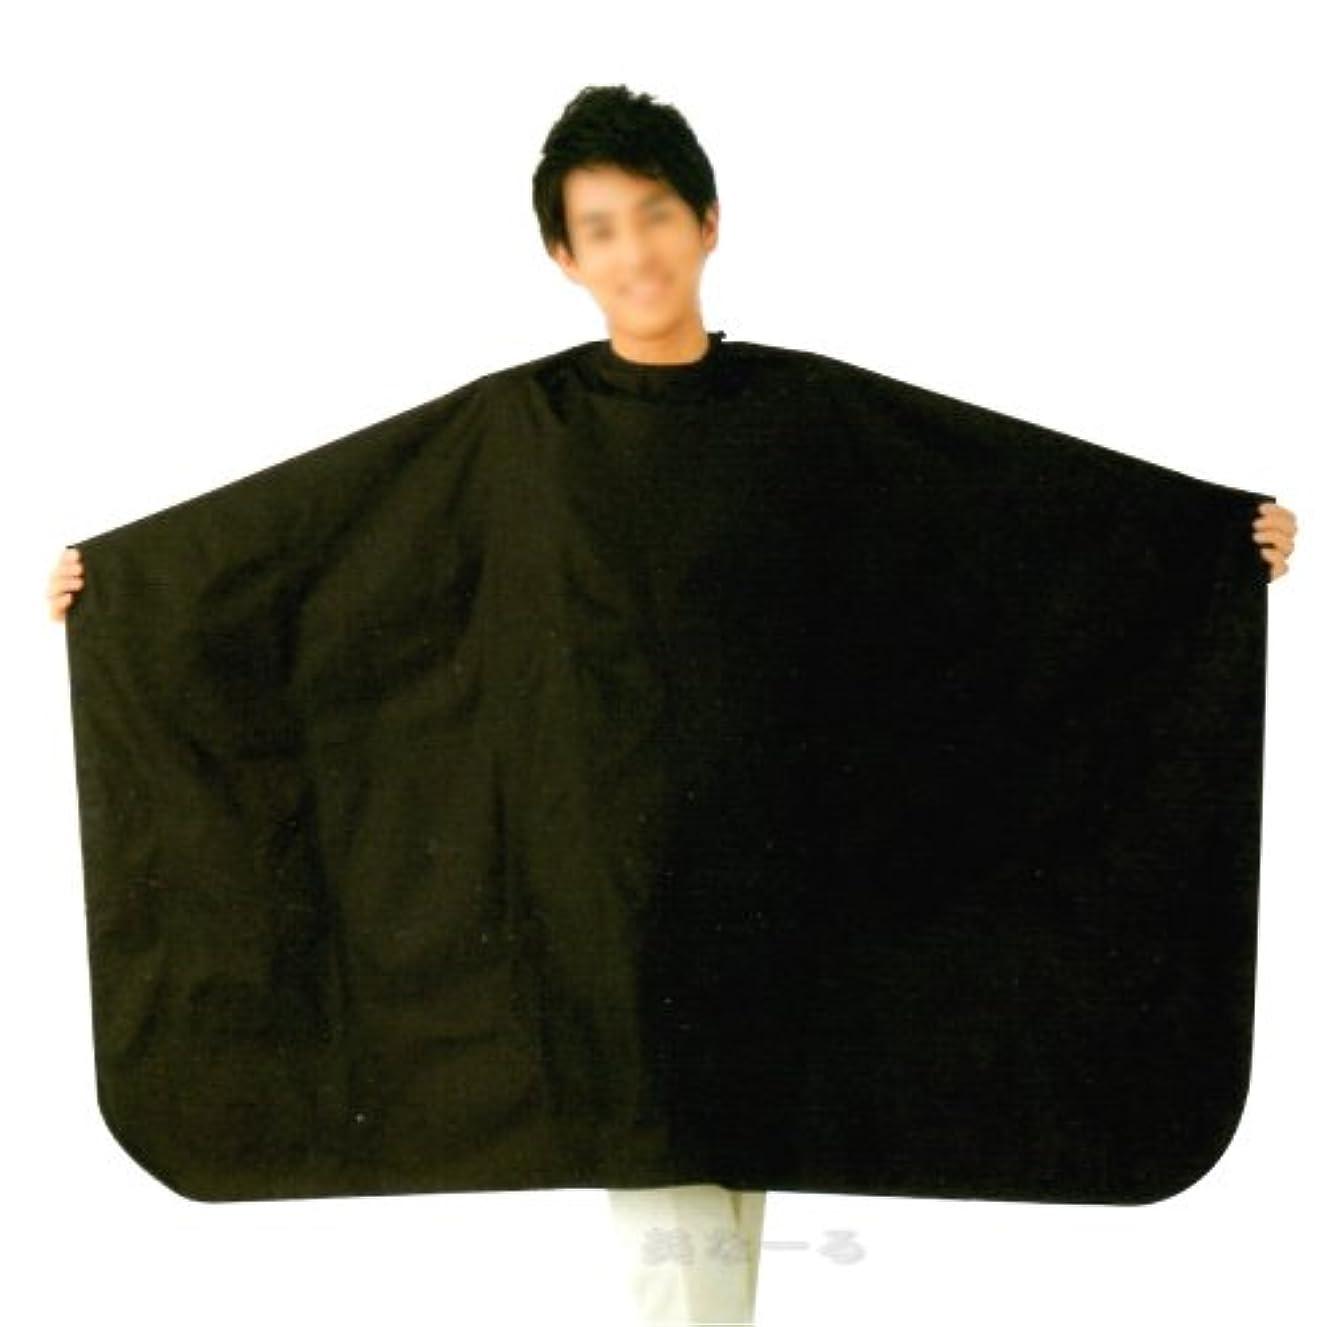 不利益足首正規化ヘアダイクロス ヘアカラー用ケープ 袖なし 業務用 エルコ